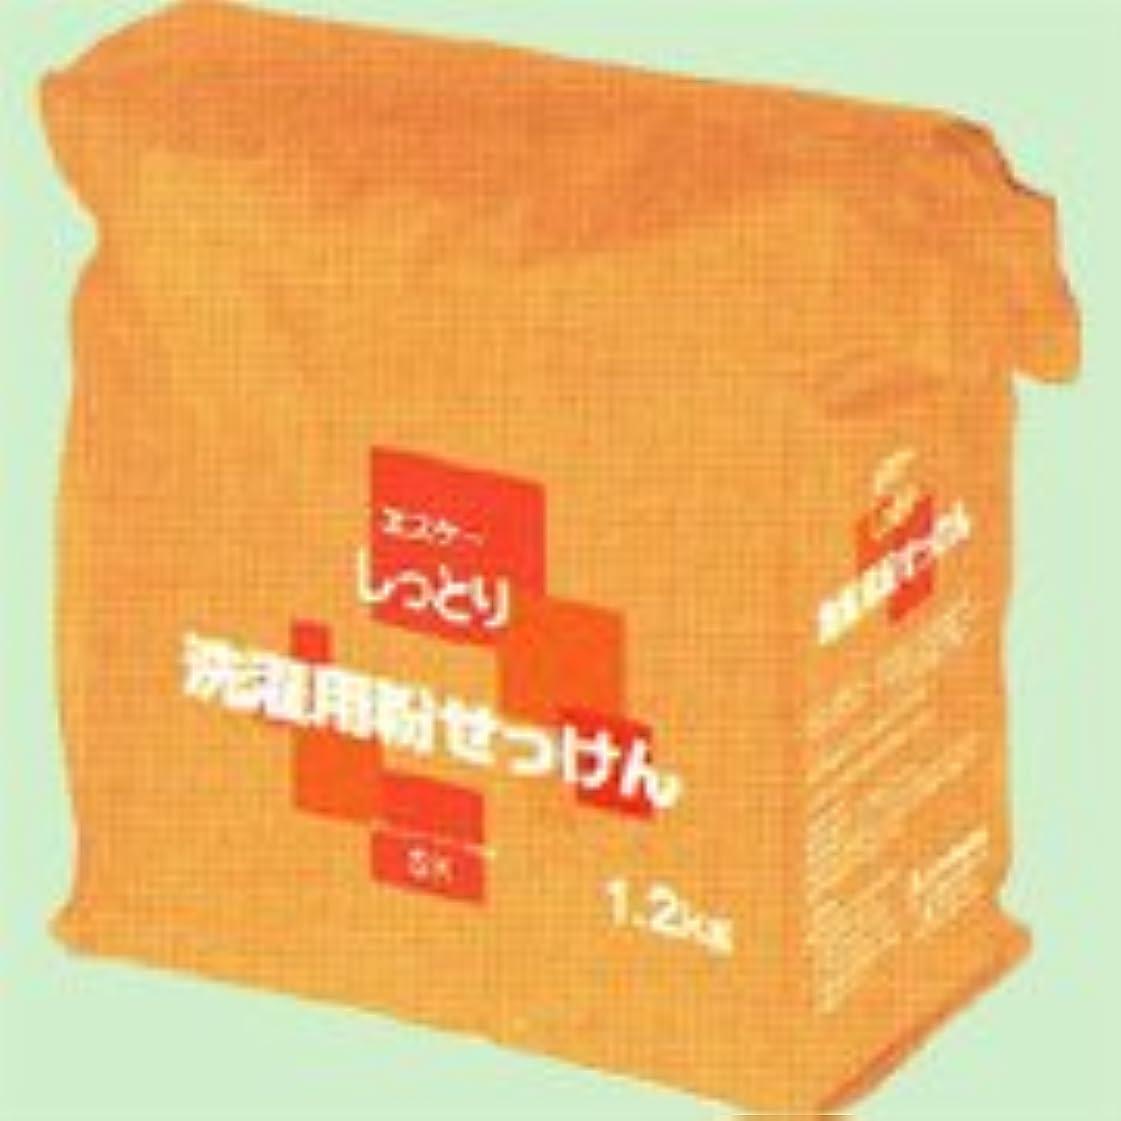 アシスト保持鋸歯状しっとり洗濯用粉せっけん詰替用 1.2kg   エスケー石鹸